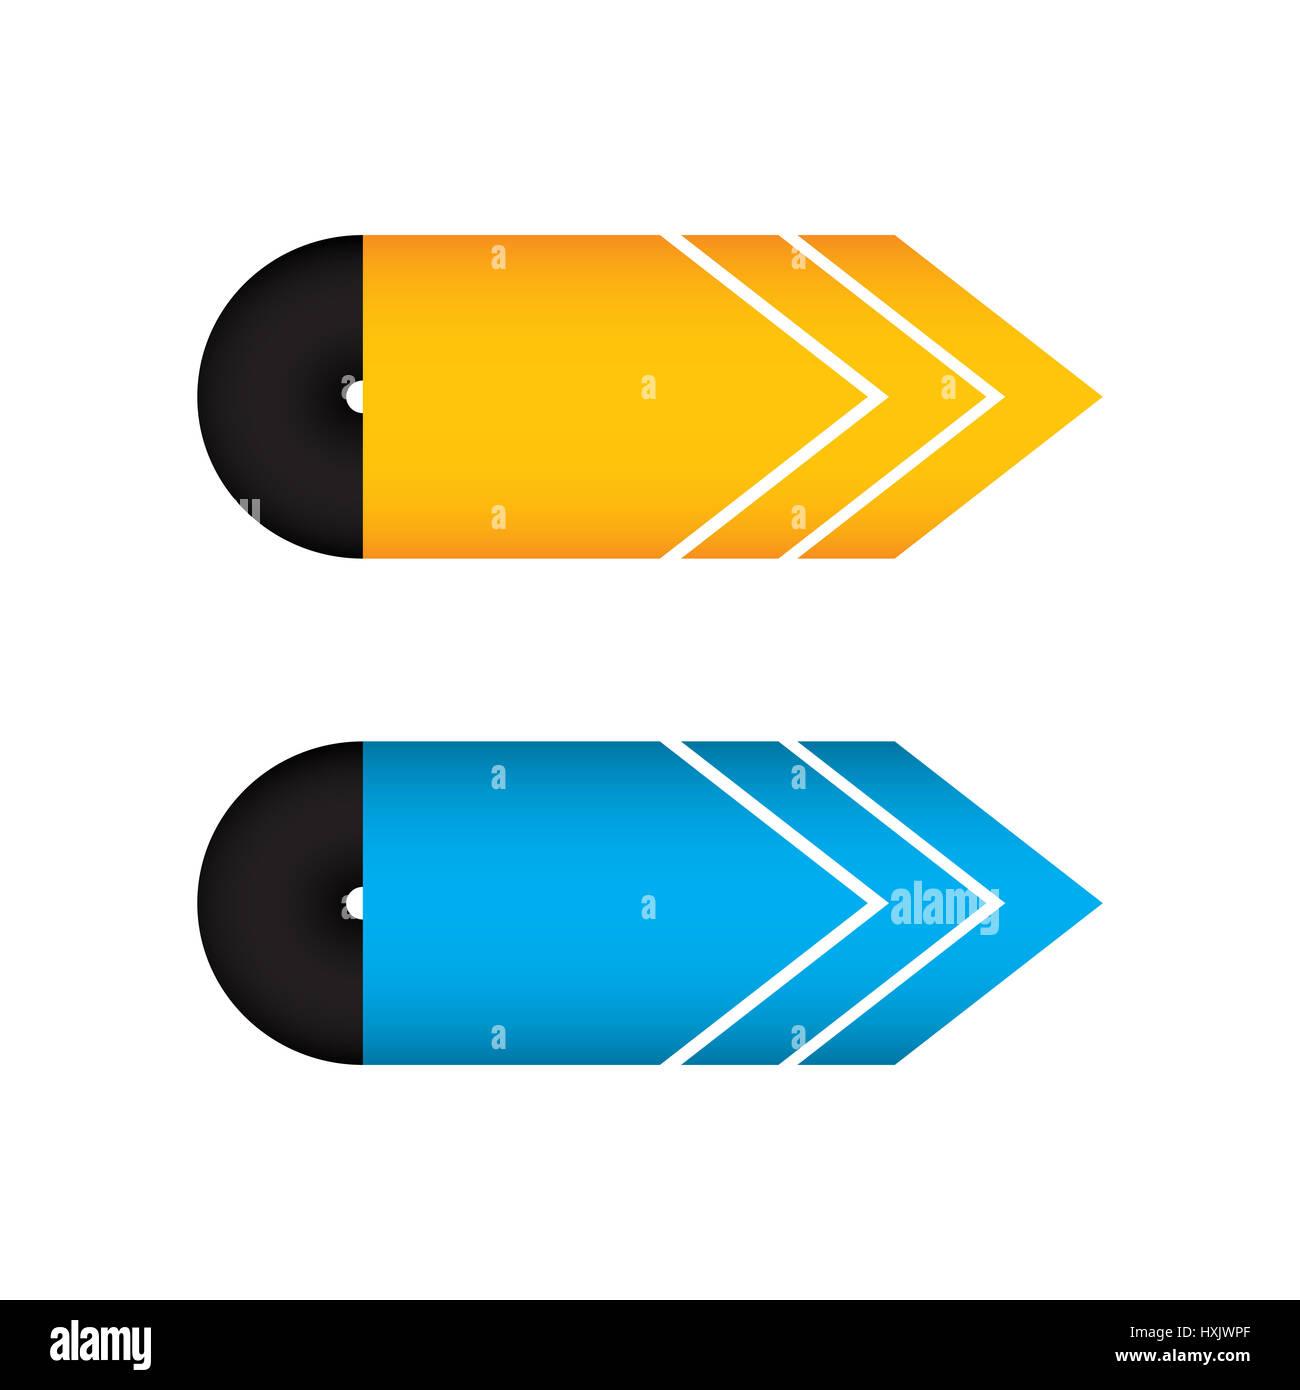 Offerte giallo e freccia blu design, illustrazione vettoriale EPS10 Immagini Stock